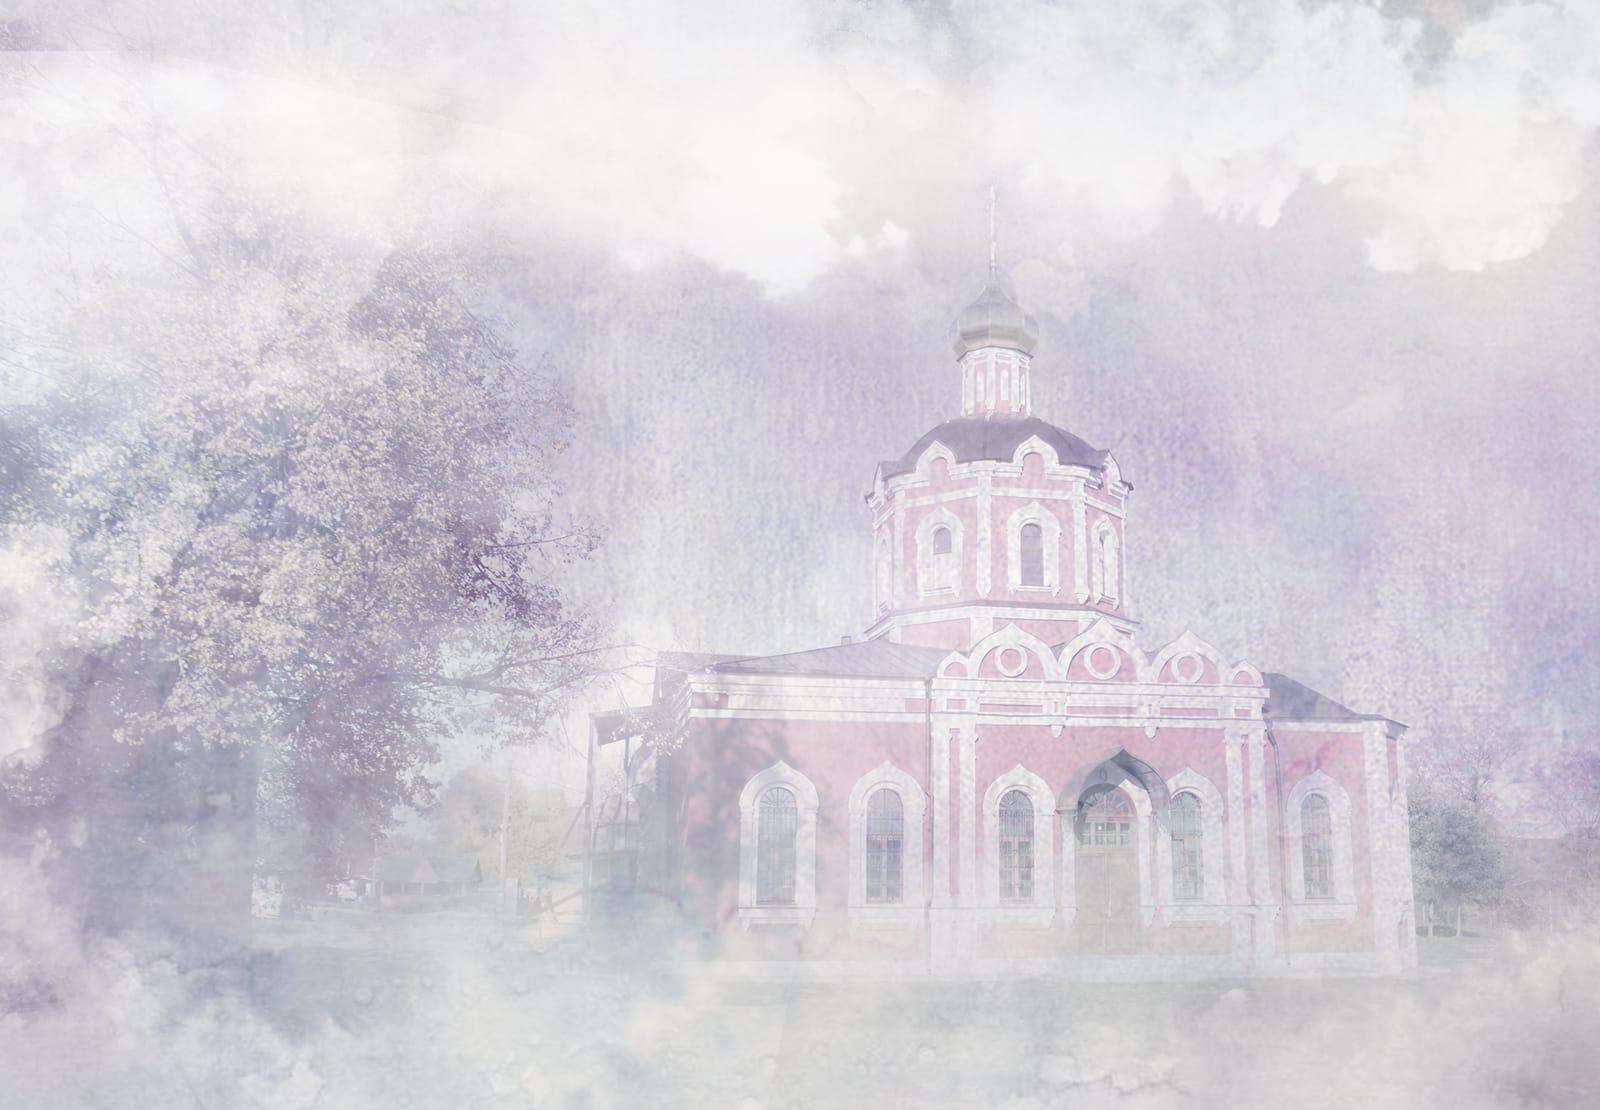 Восстановление разрушенной колокольни храма Собора Иоанна Предтечи